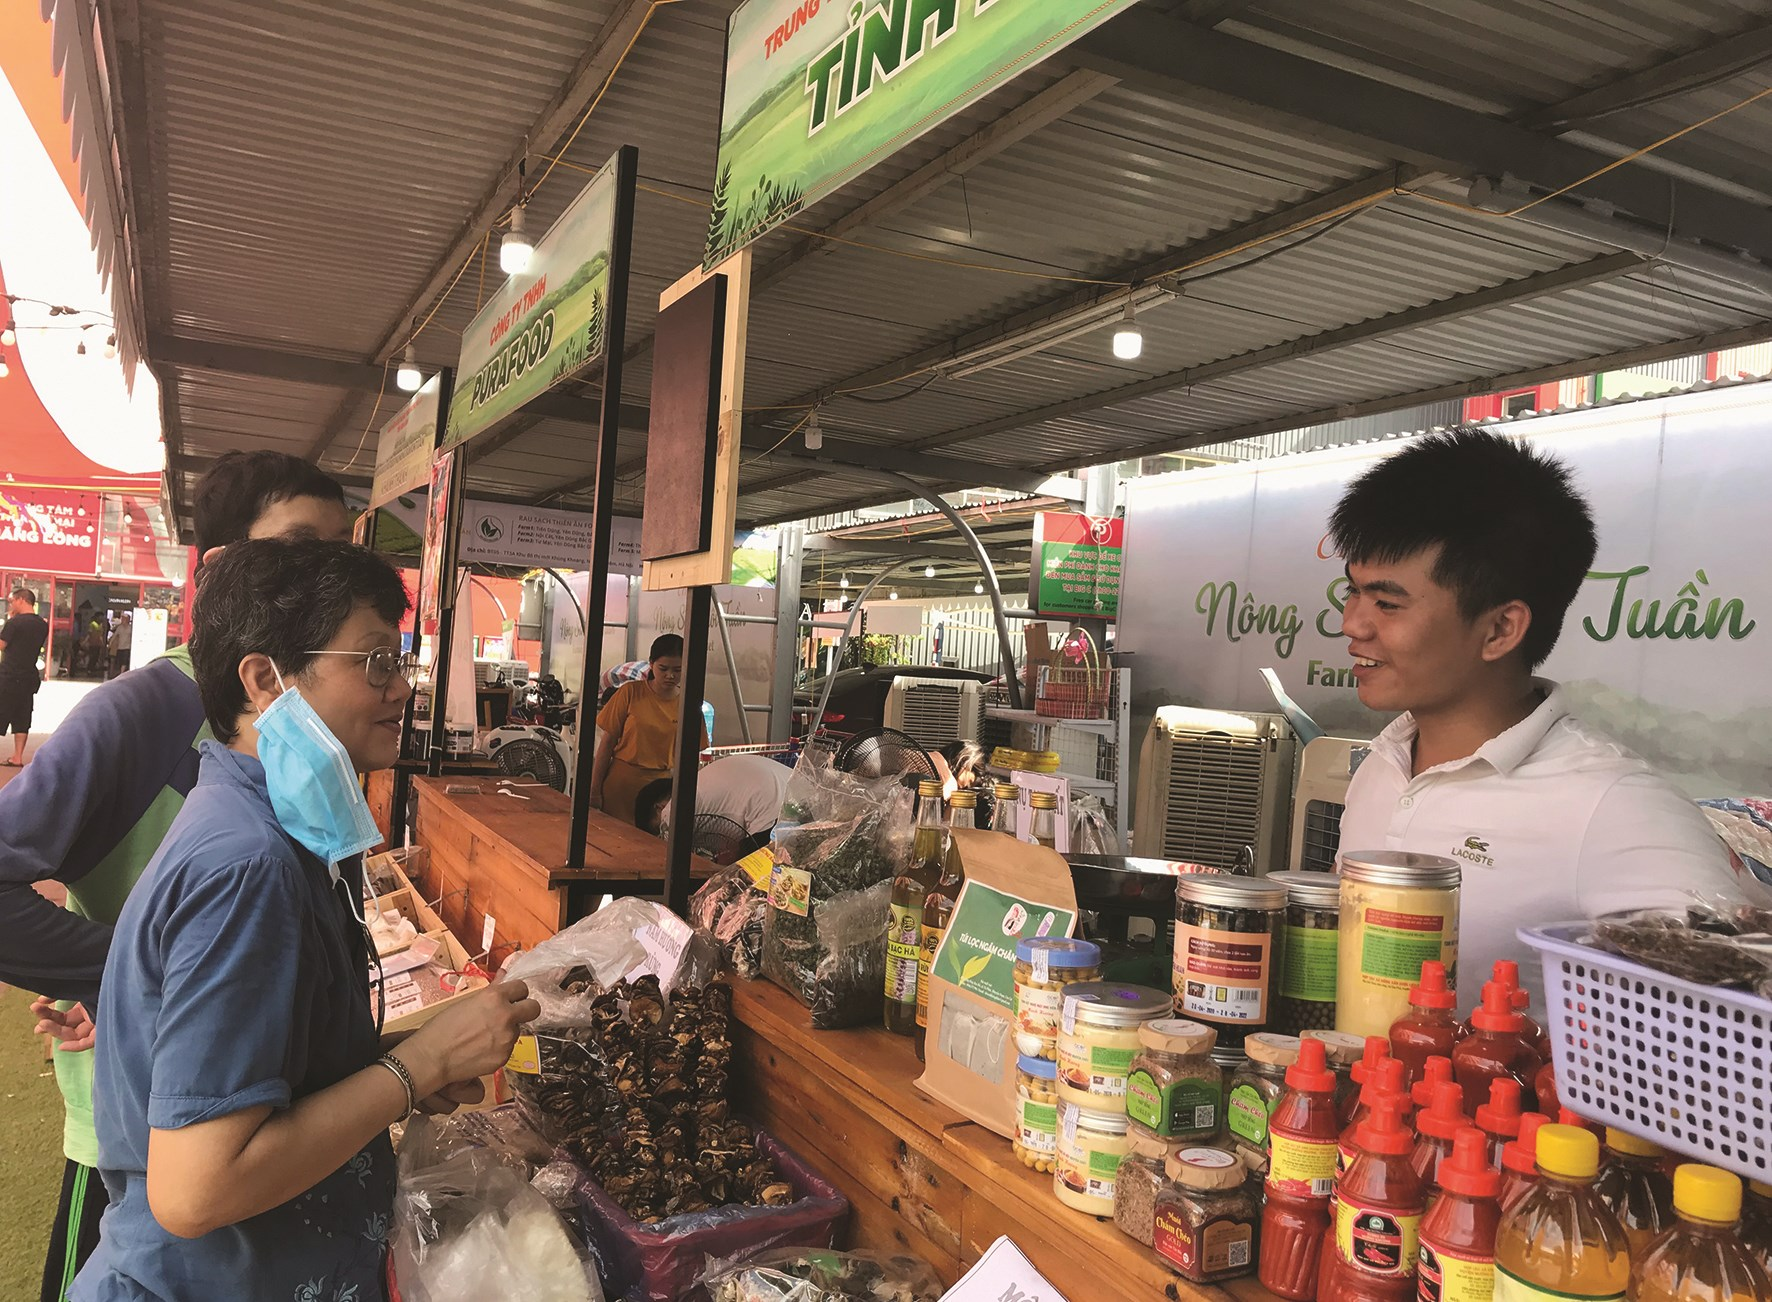 Gian hàng nông sản của Hội Nông sản sạch Lào Cai (tỉnh Lào Cai).